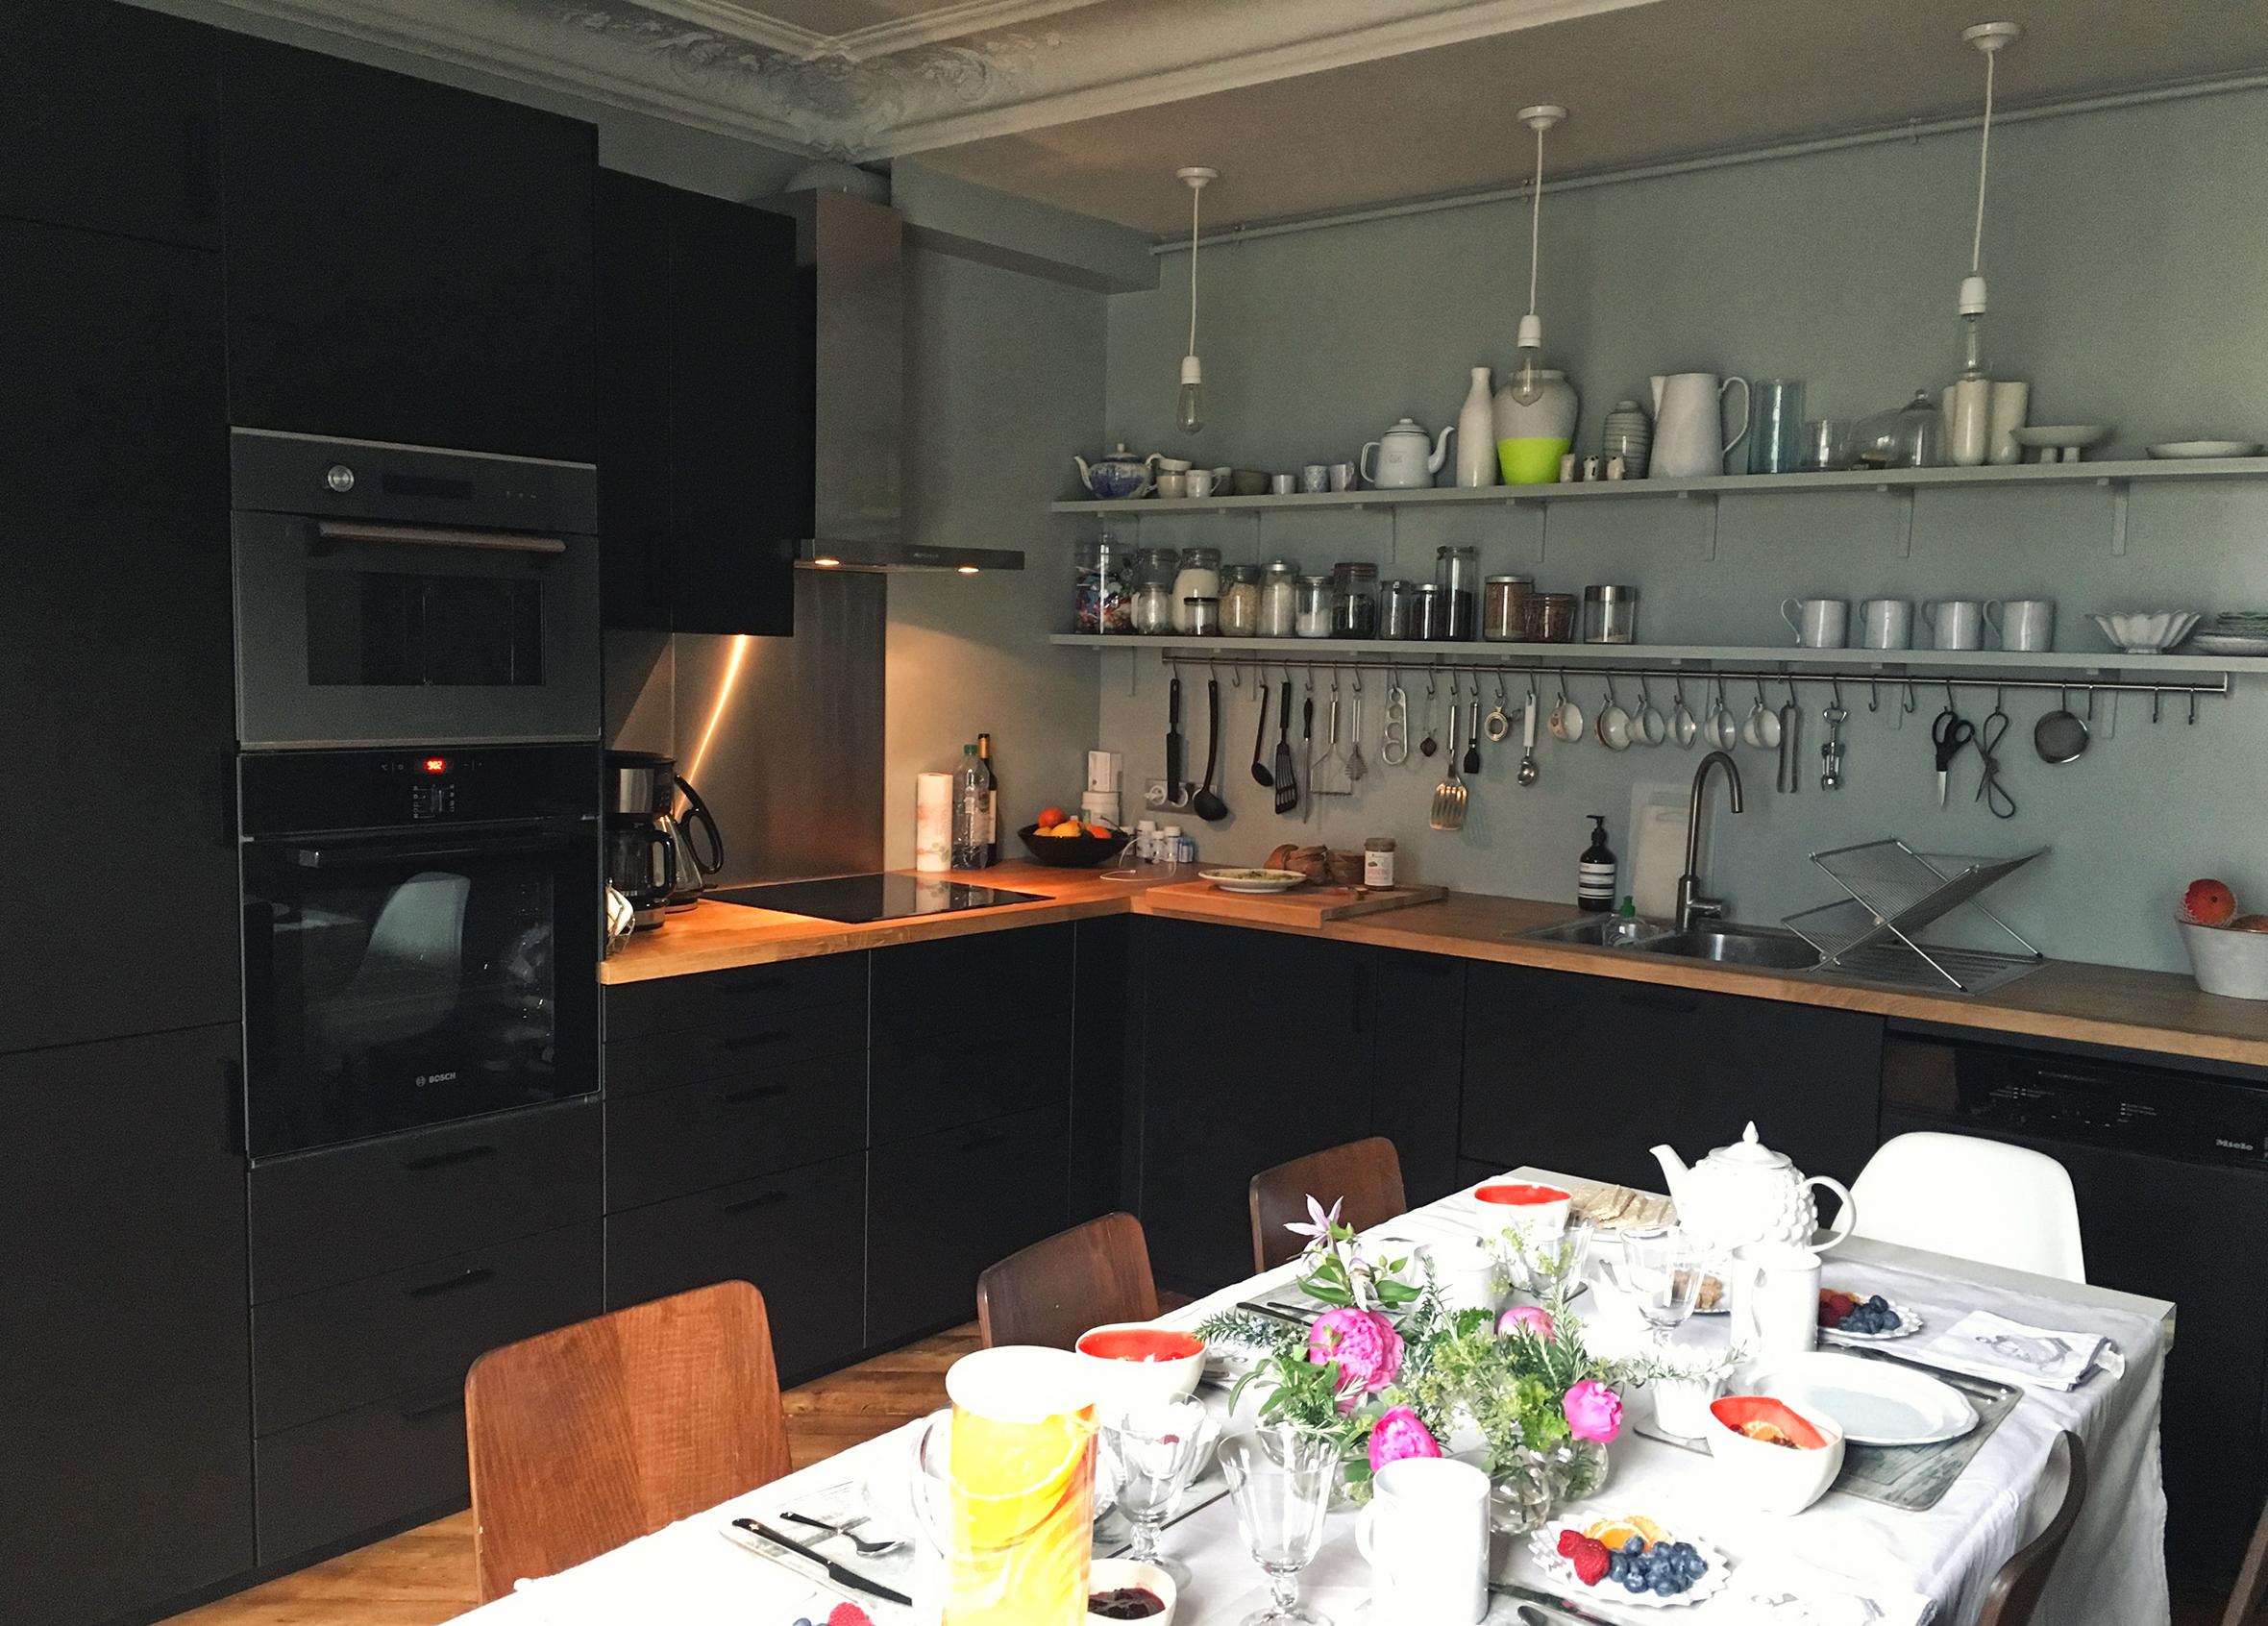 Cacher Plan De Travail Cuisine comment personnaliser sa cuisine ikea? - lili barbery